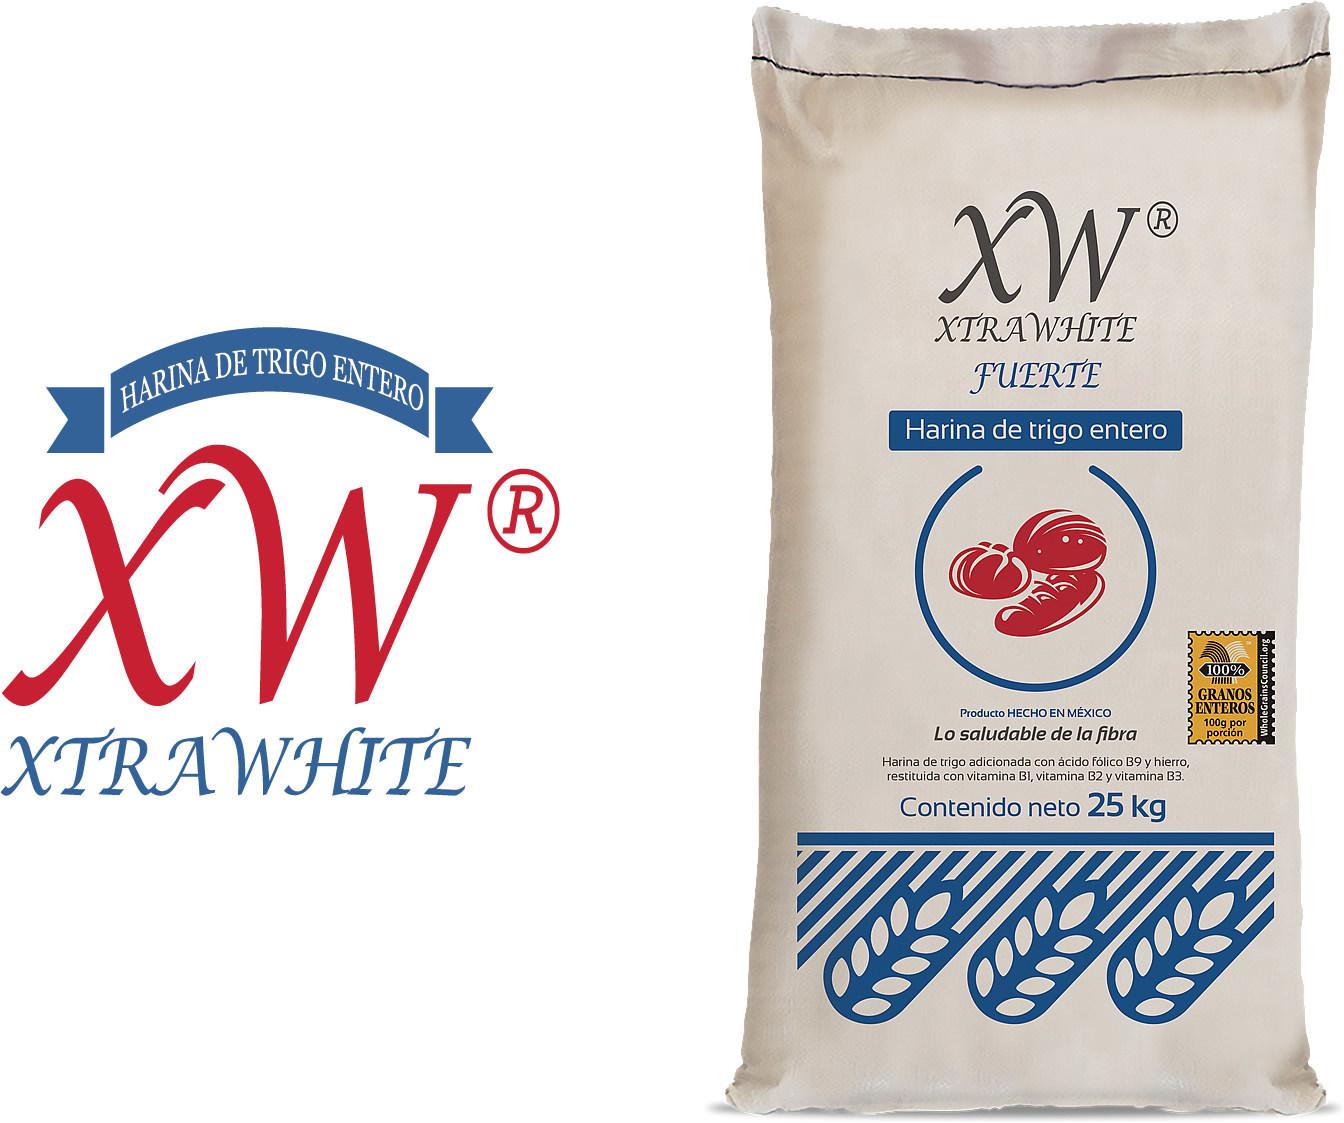 XtraWhite es nuestra harina multiusos 100% de trigo entero.